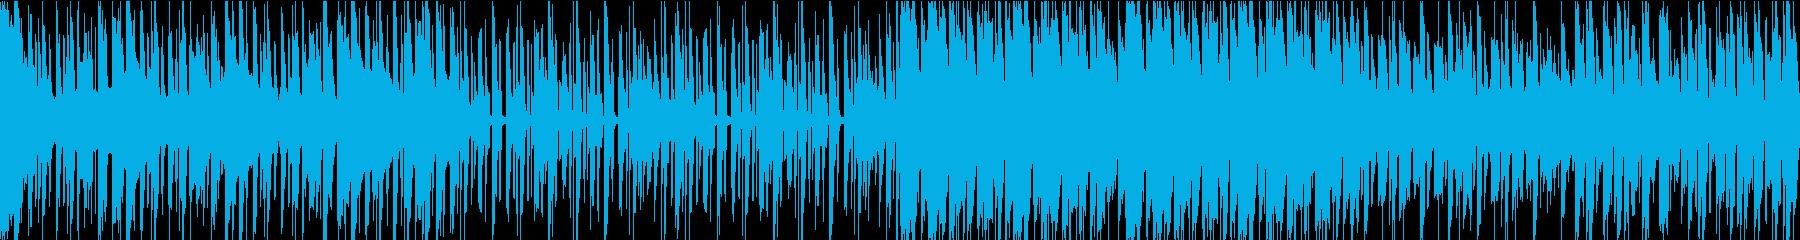 渋いロックです。の再生済みの波形